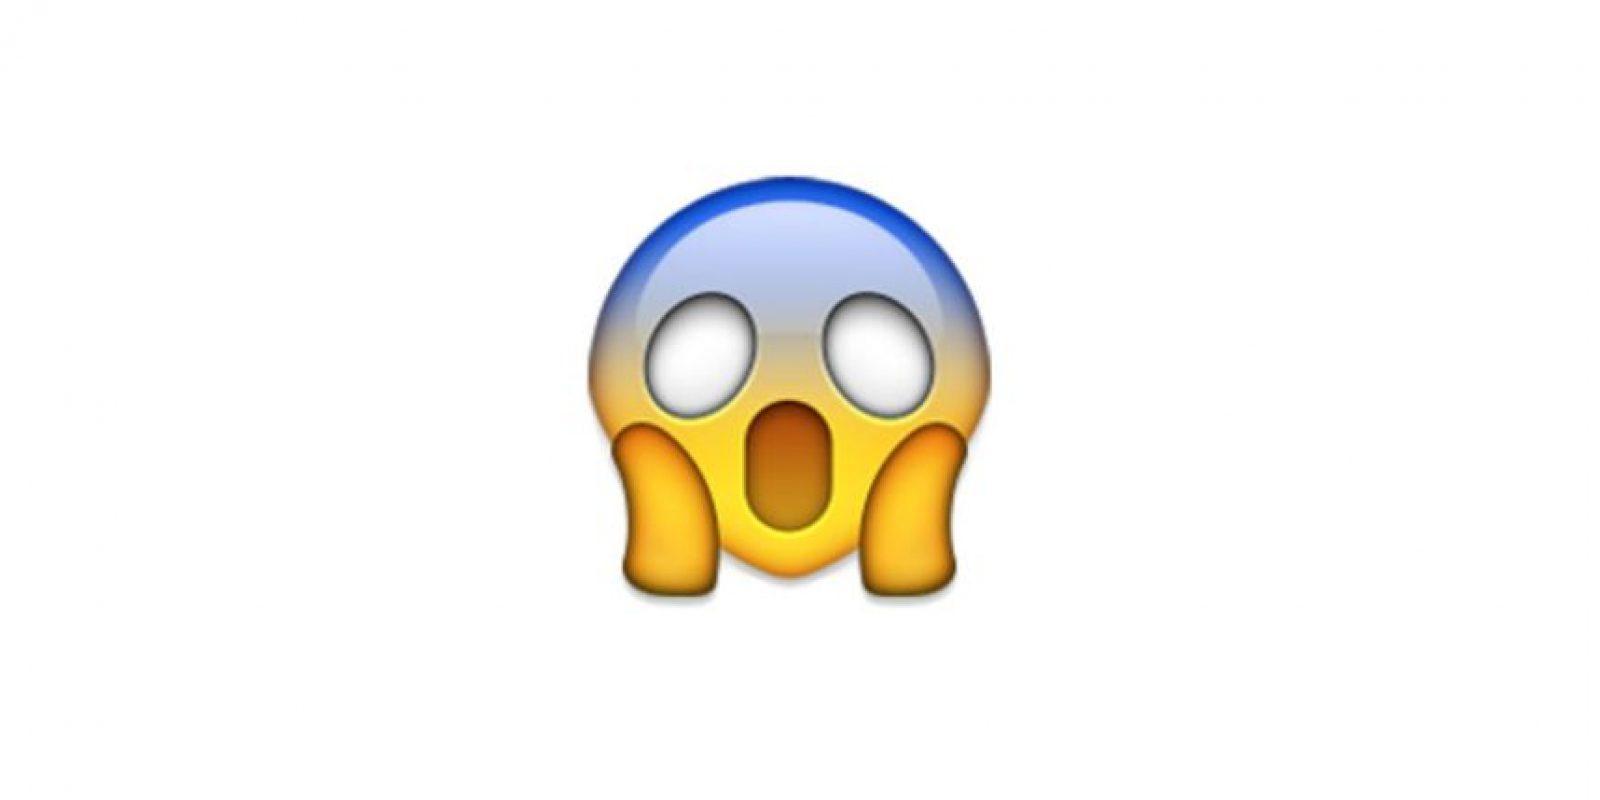 Foto:Emojipedia. Imagen Por: